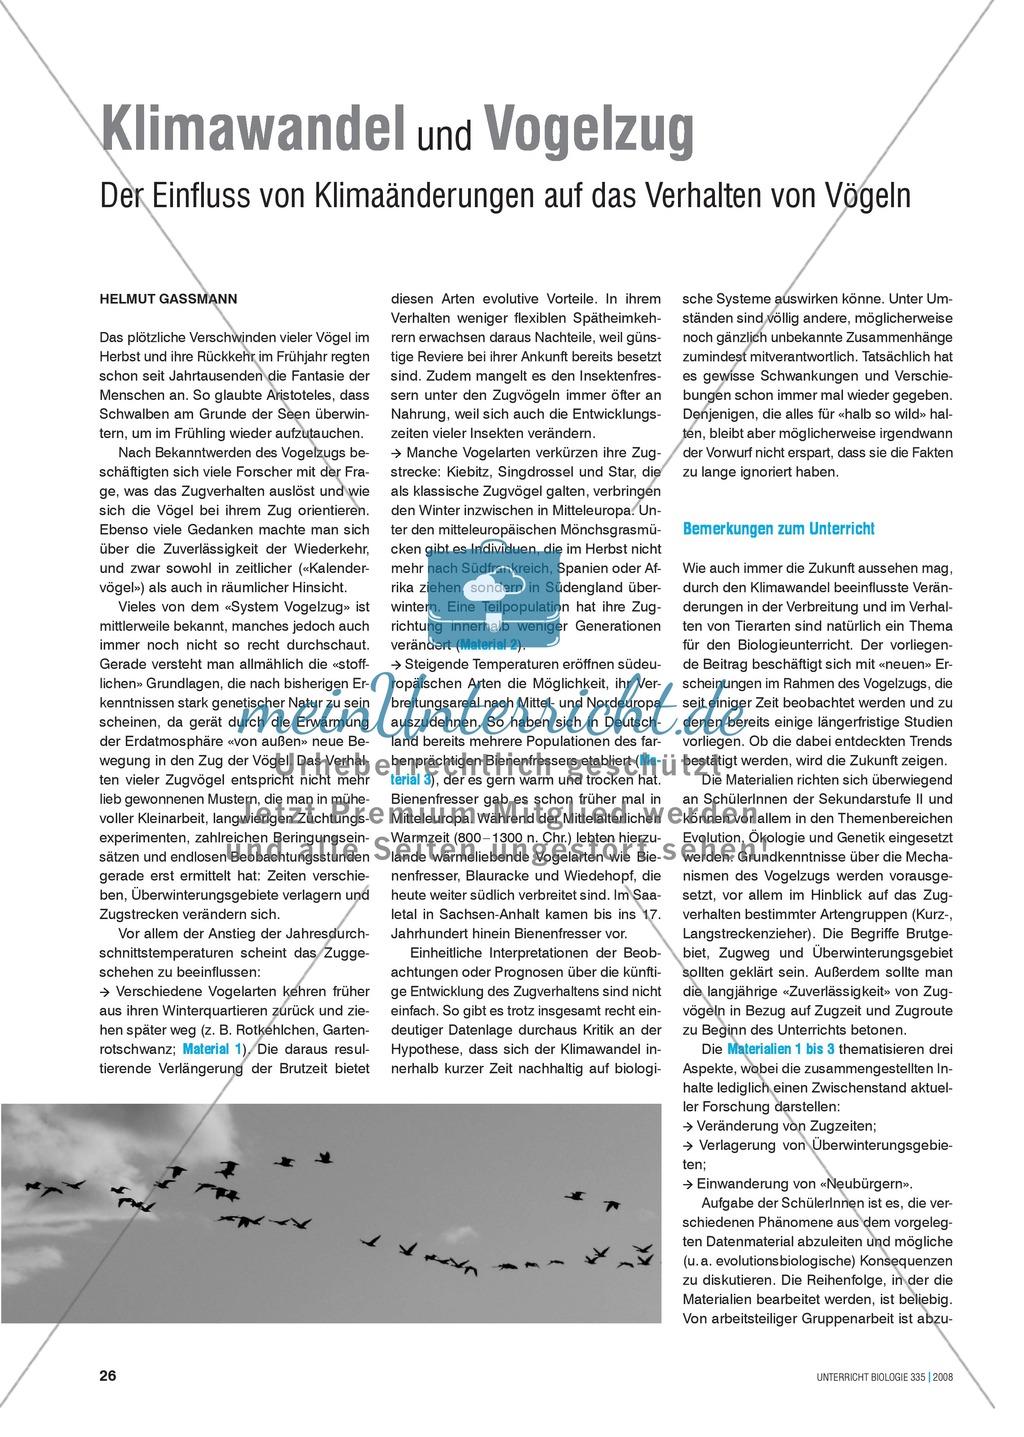 Klimawandel und Vogelzug: Der Einfluss von Klimaveränderungen auf das Verhalten von Vögeln - Info-Text und Aufgaben Preview 0